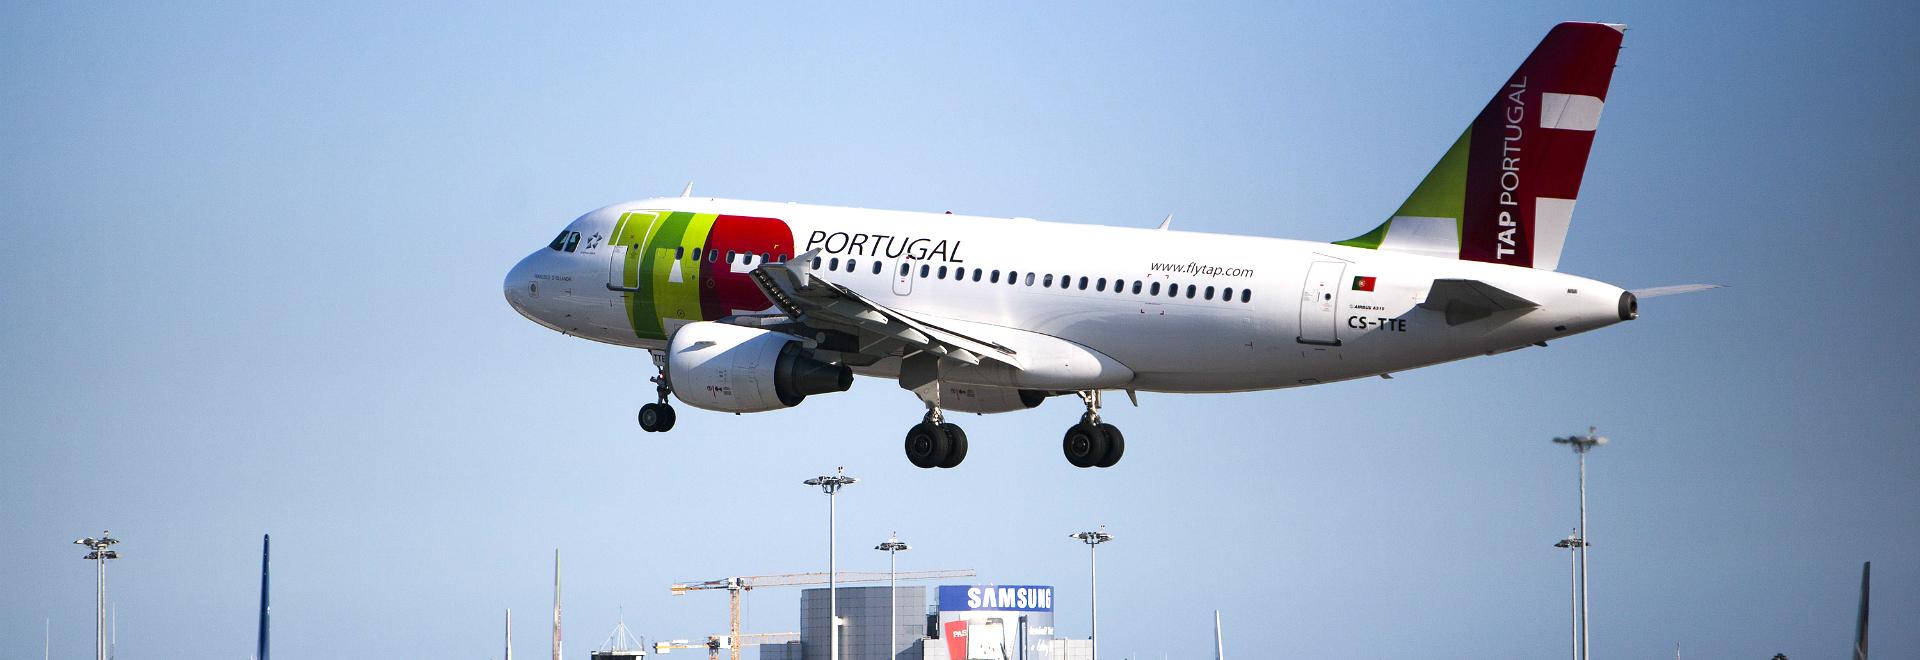 Prix Transfert Aeroport Lisbonne Centre Ville